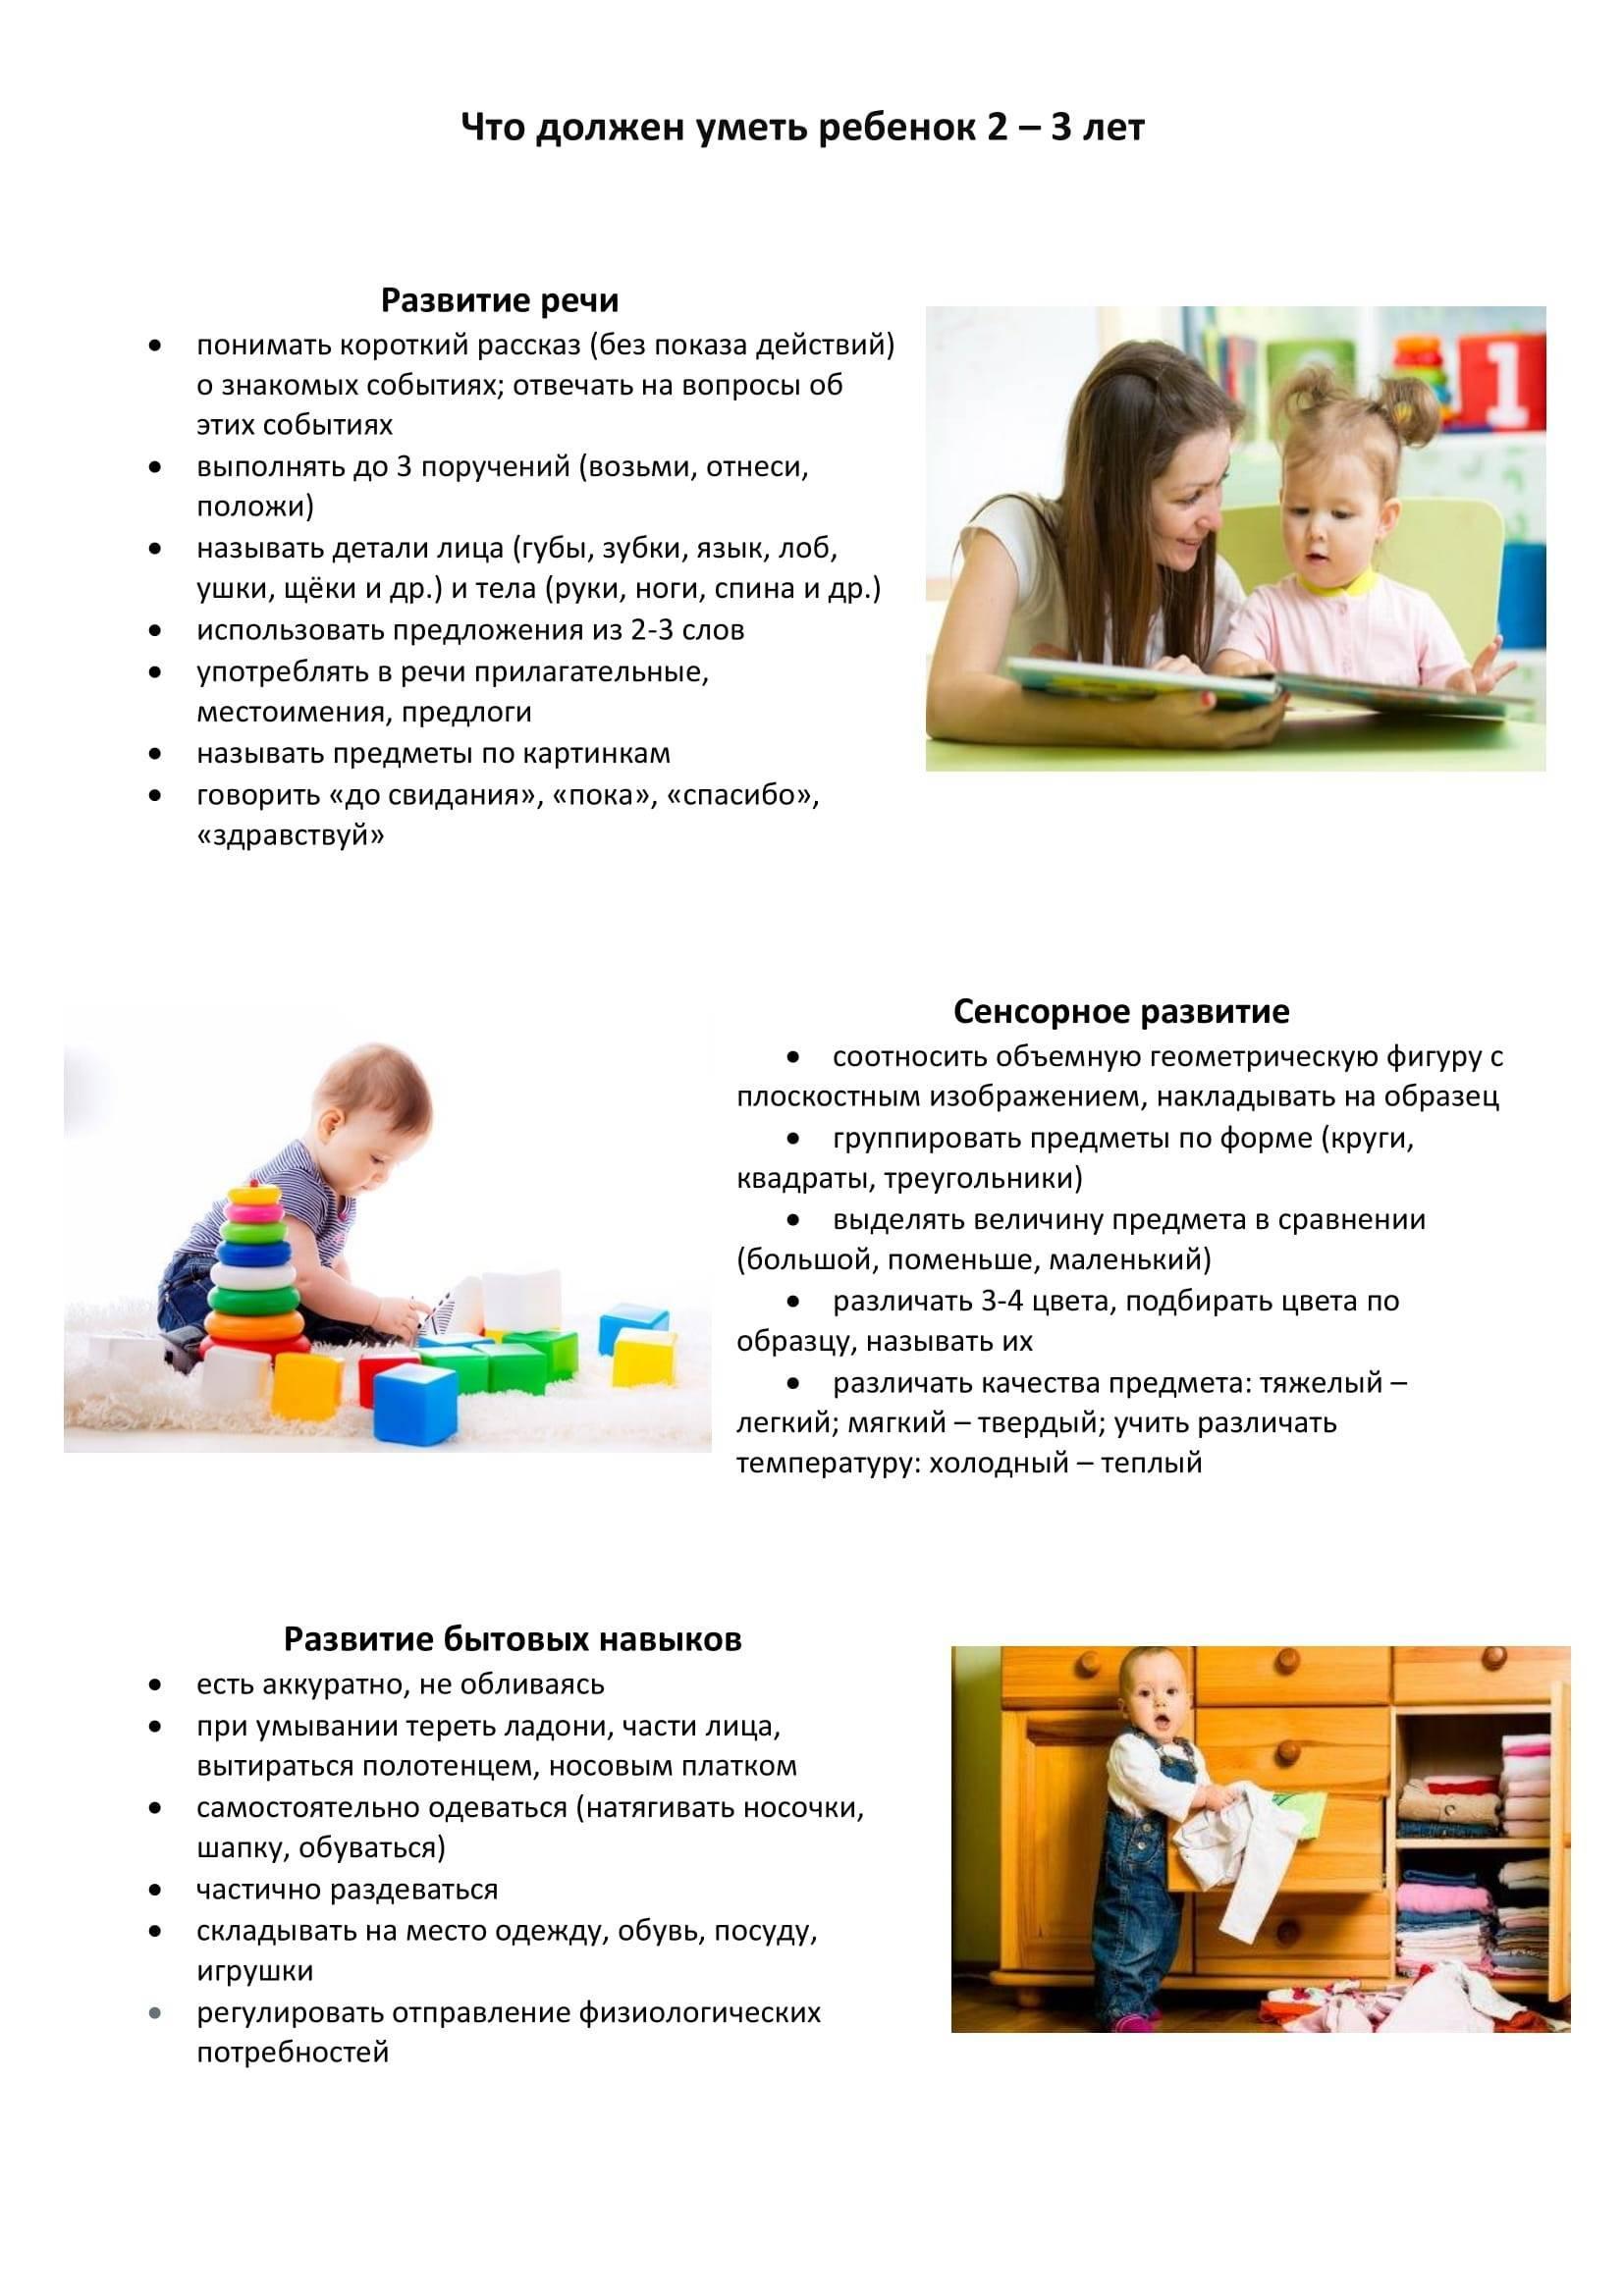 Чему малыш должен научиться к 5 месяцам: навыки и умения ребенка